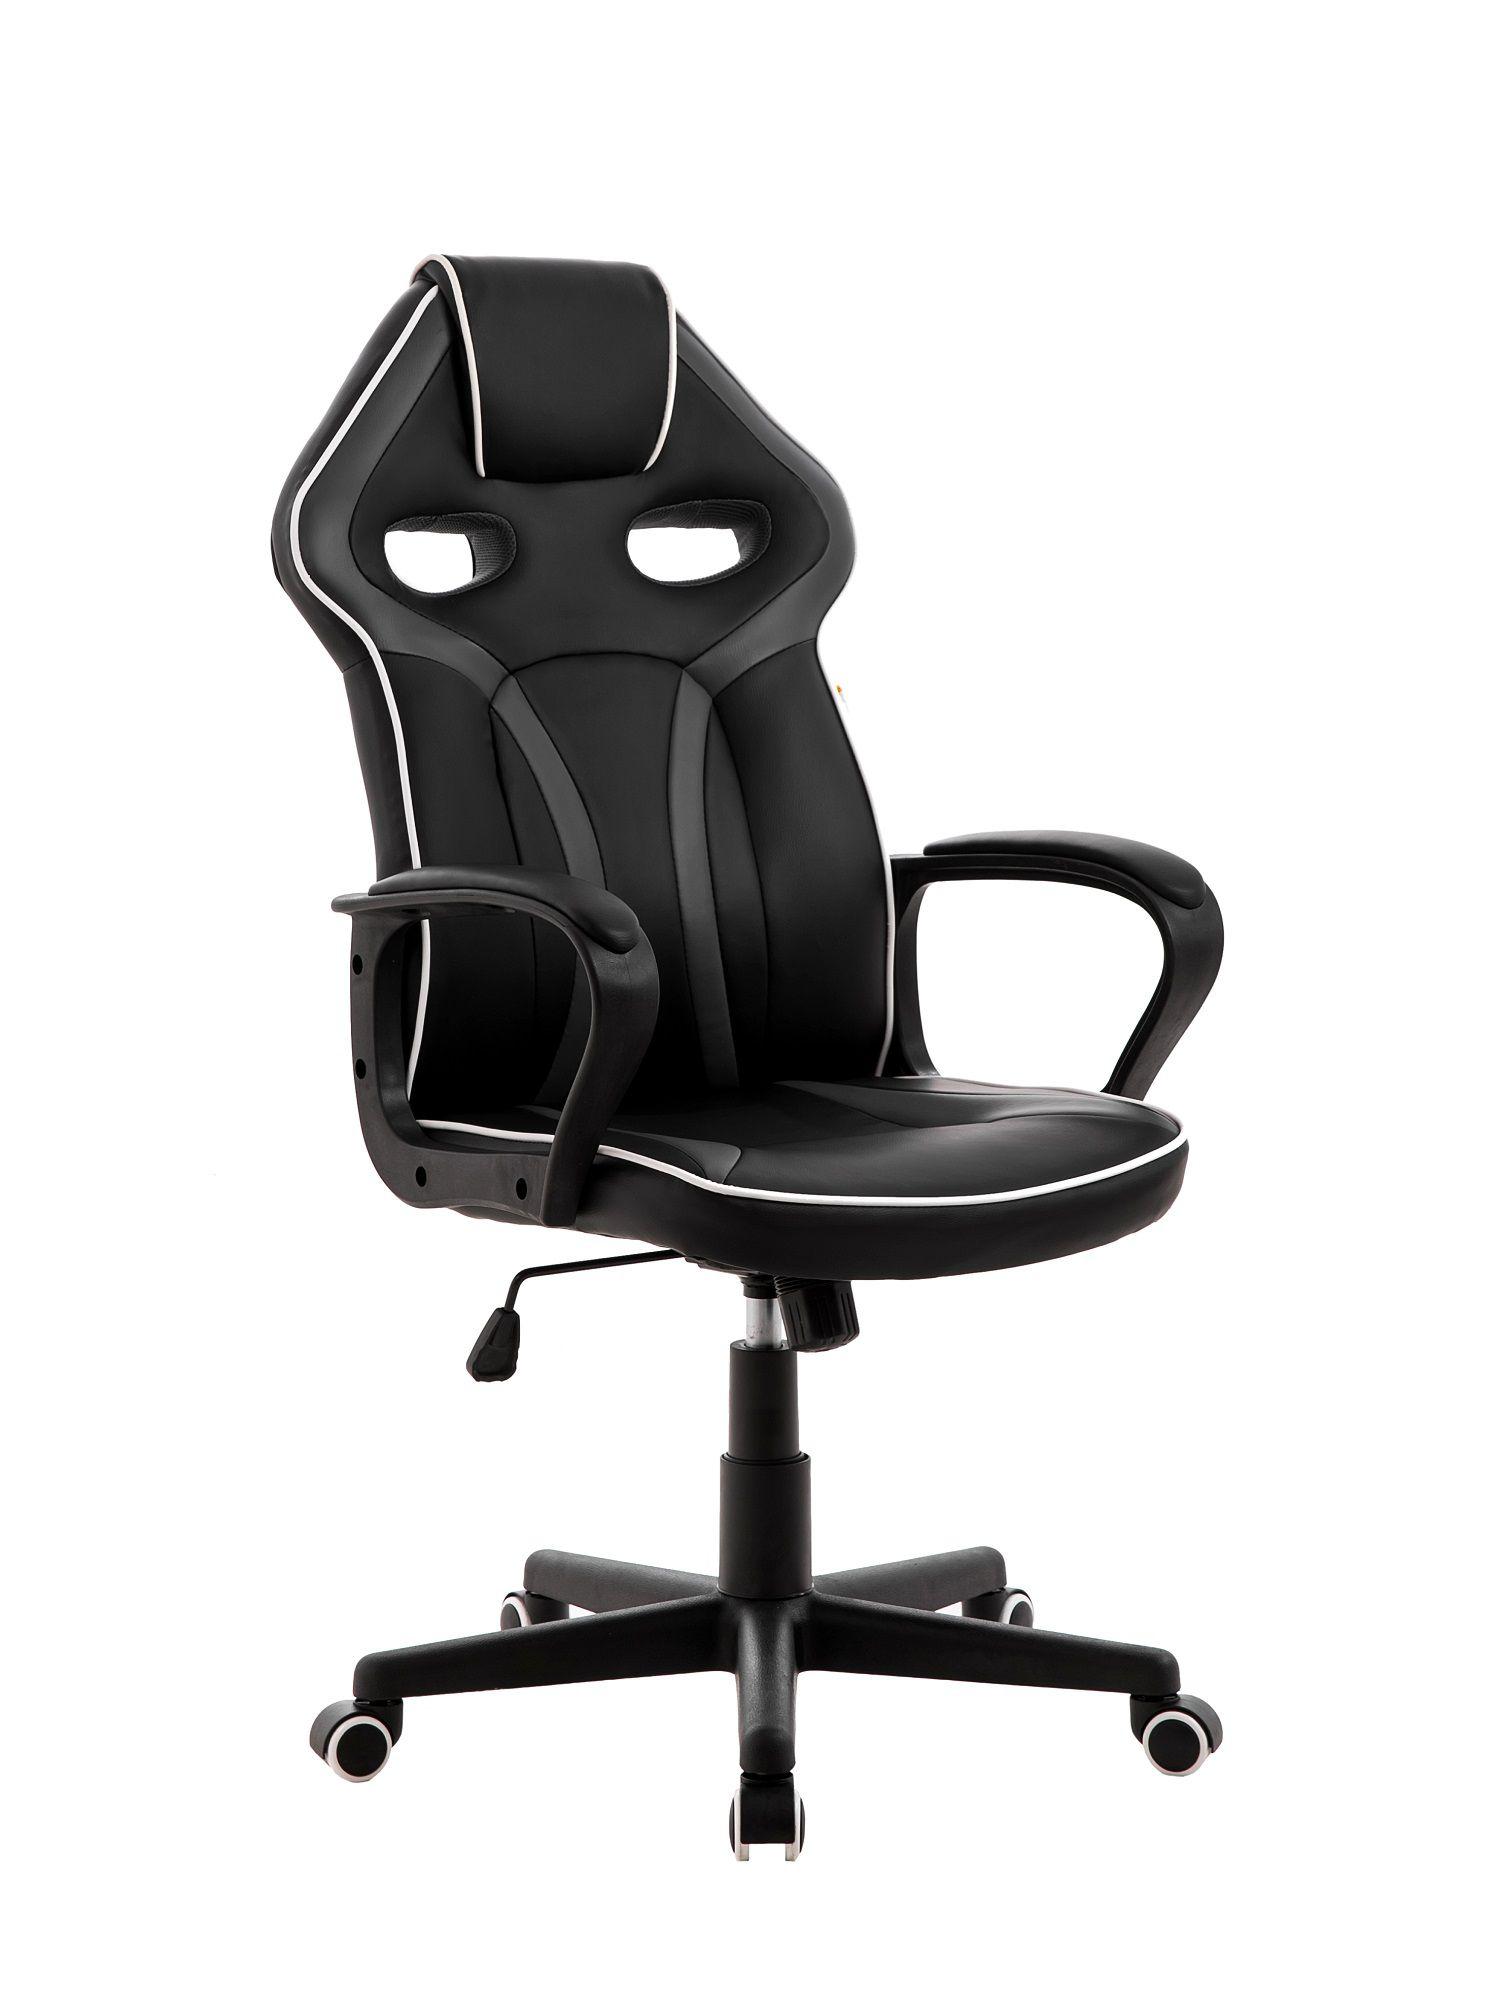 Cadeira Gamer Giratória Regulável + Sistema Relax Cinza Buff - at.home